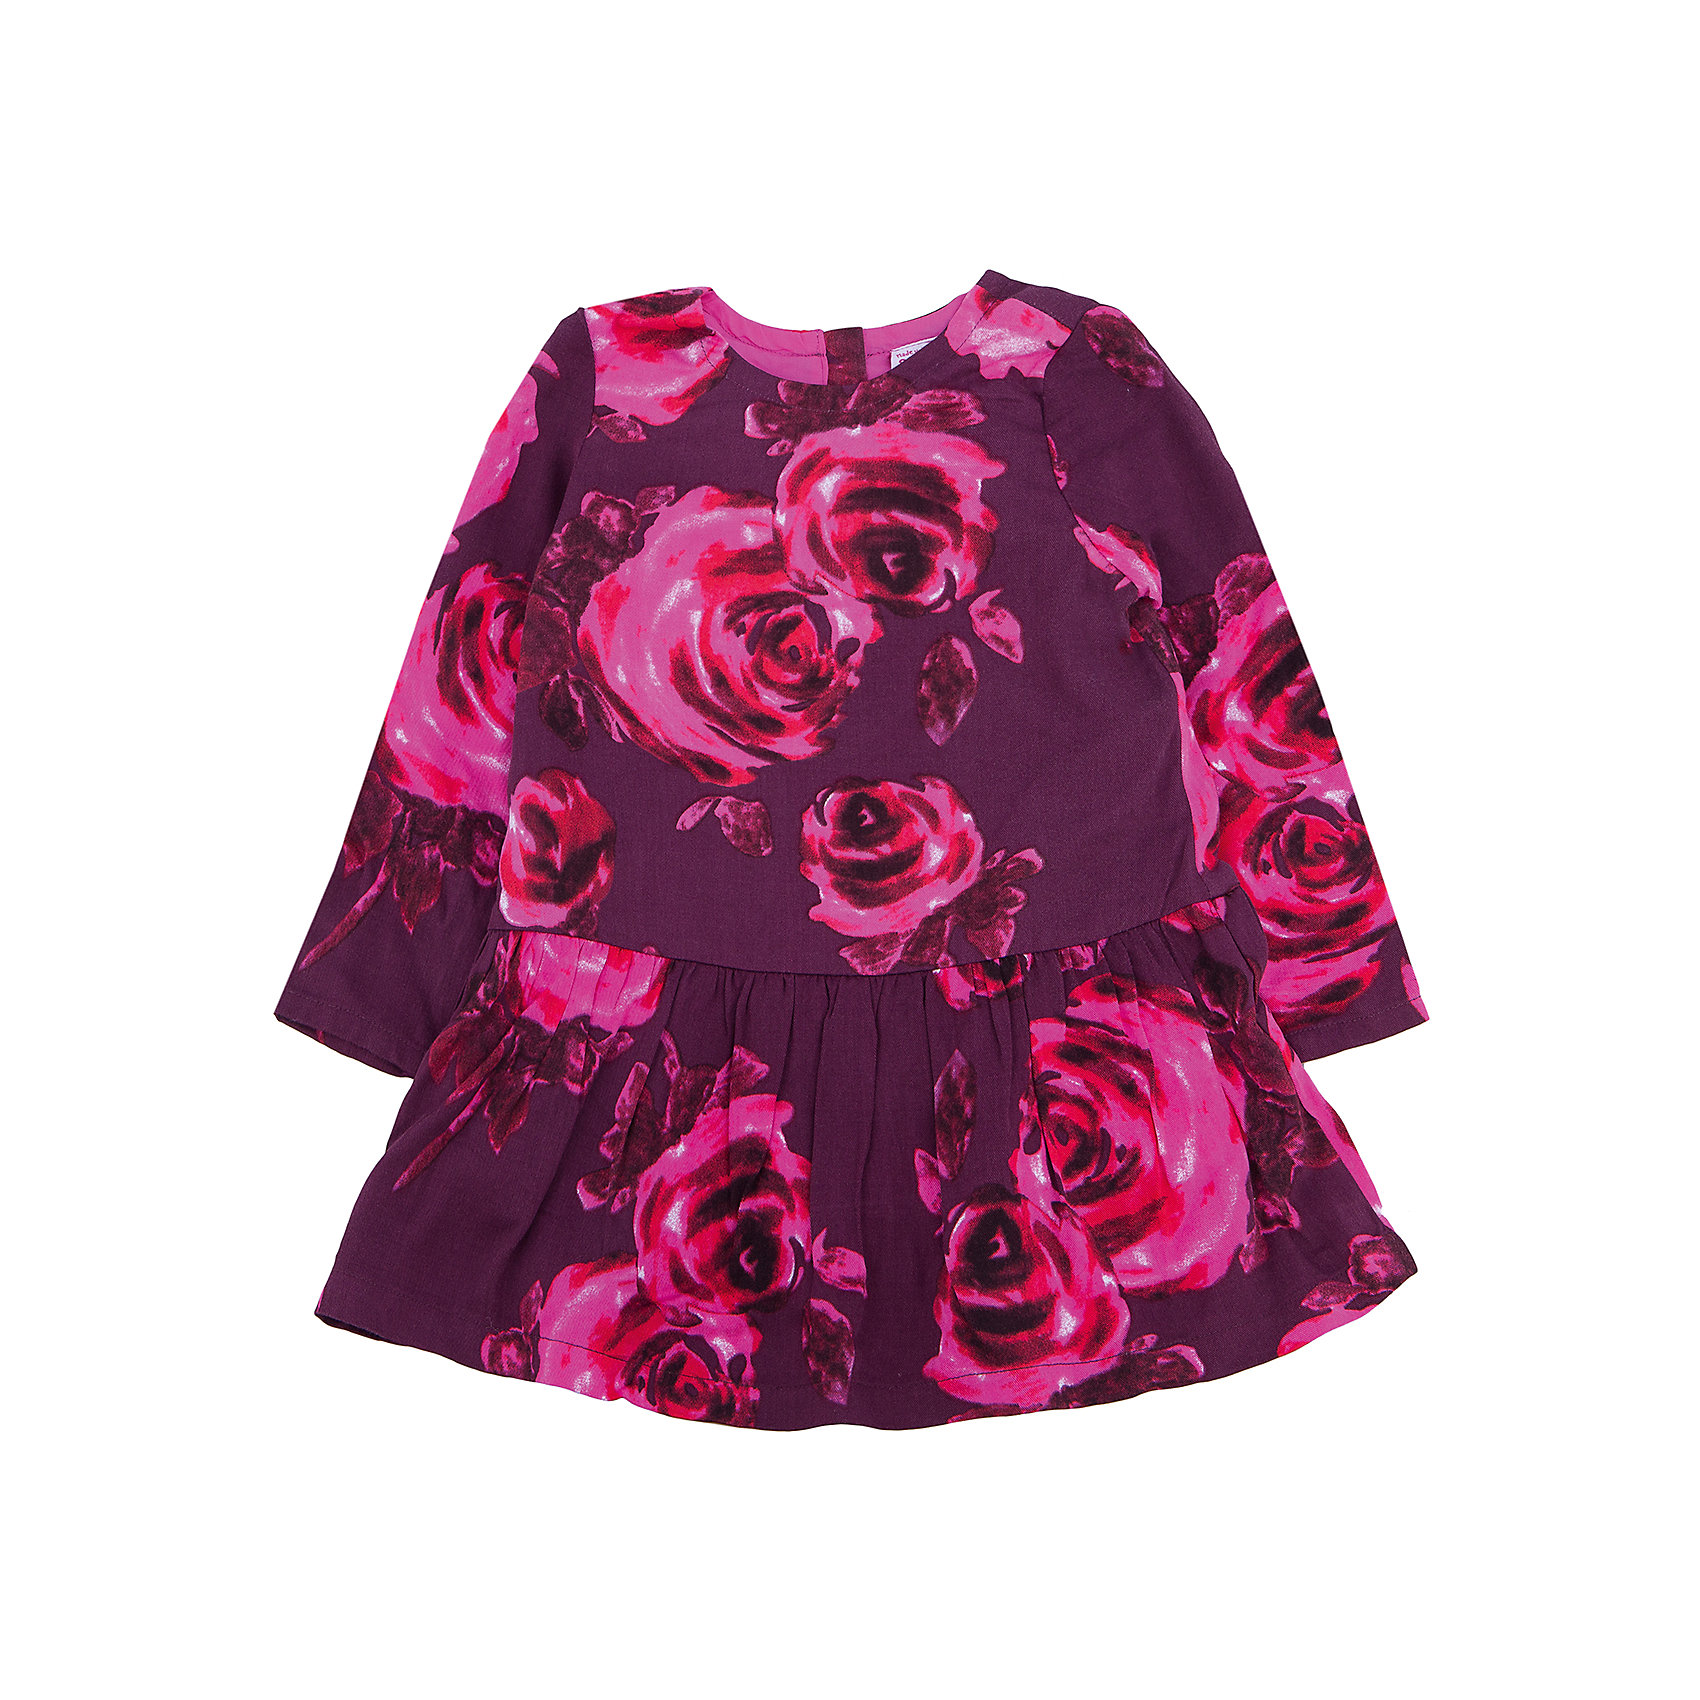 Платье для девочки SELAПлатье с цветочным принтом - очень модная вещь. Эта модель отлично сидит на ребенке, она смотрится стильно и нарядно. Приятная на ощупь ткань и качественная фурнитура обеспечивает ребенку комфорт. Модель станет отличной базовой вещью, которая будет уместна в различных сочетаниях.<br>Одежда от бренда Sela (Села) - это качество по приемлемым ценам. Многие российские родители уже оценили преимущества продукции этой компании и всё чаще приобретают одежду и аксессуары Sela.<br><br>Дополнительная информация:<br><br>цвет: фиолетовый;<br>материал: 100% вискоза;<br>с принтом;<br>застежка - молния.<br><br>Платье для девочки от бренда Sela можно купить в нашем интернет-магазине.<br><br>Ширина мм: 236<br>Глубина мм: 16<br>Высота мм: 184<br>Вес г: 177<br>Цвет: фиолетовый<br>Возраст от месяцев: 18<br>Возраст до месяцев: 24<br>Пол: Женский<br>Возраст: Детский<br>Размер: 92,116,98,104,110<br>SKU: 4943965